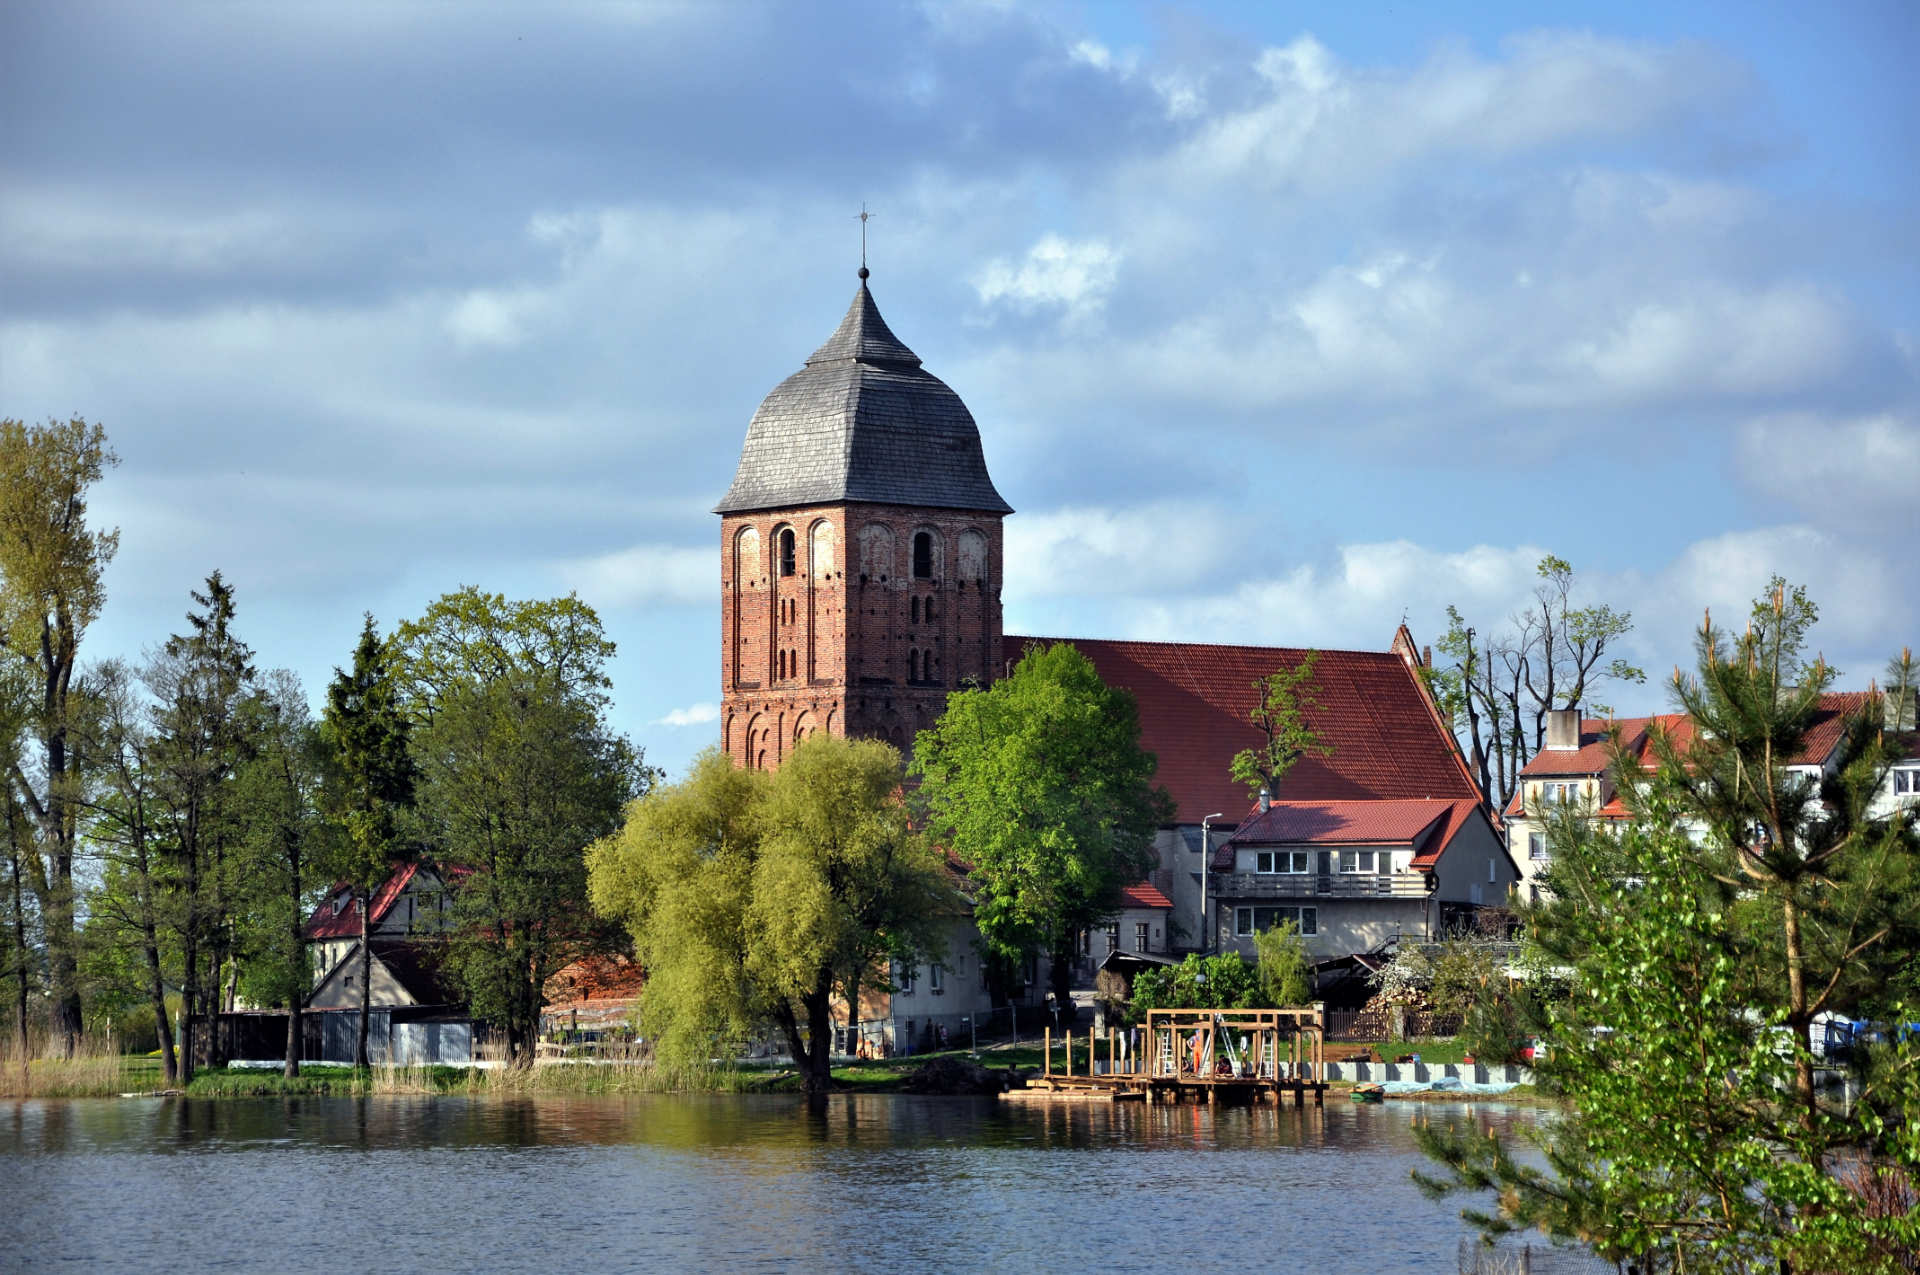 Zu sehen ist die Evangelische Kirche in Passenheim (Pasym), Bild: Halibutt